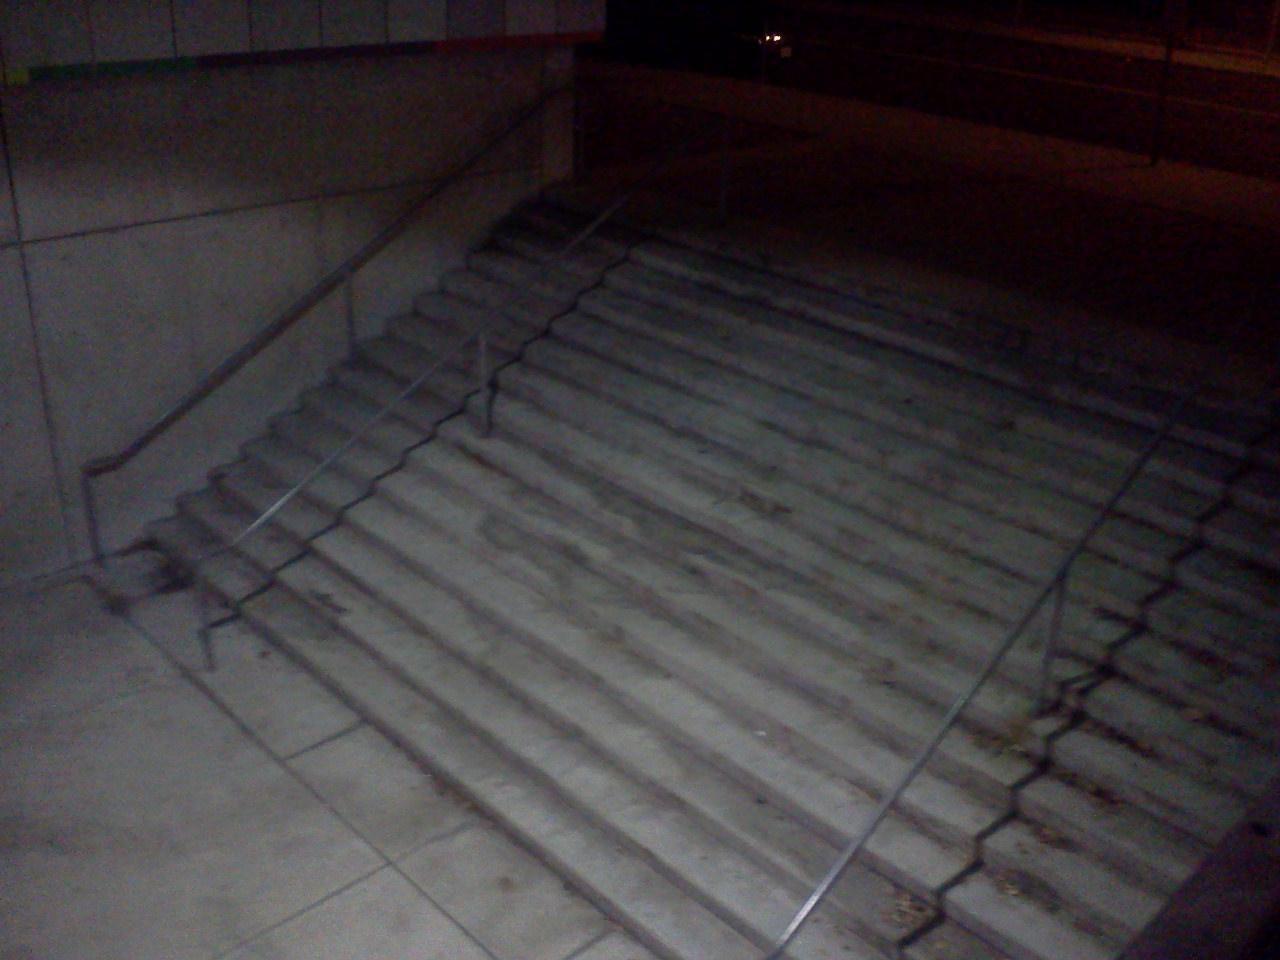 Sweet Night Rail at MIT